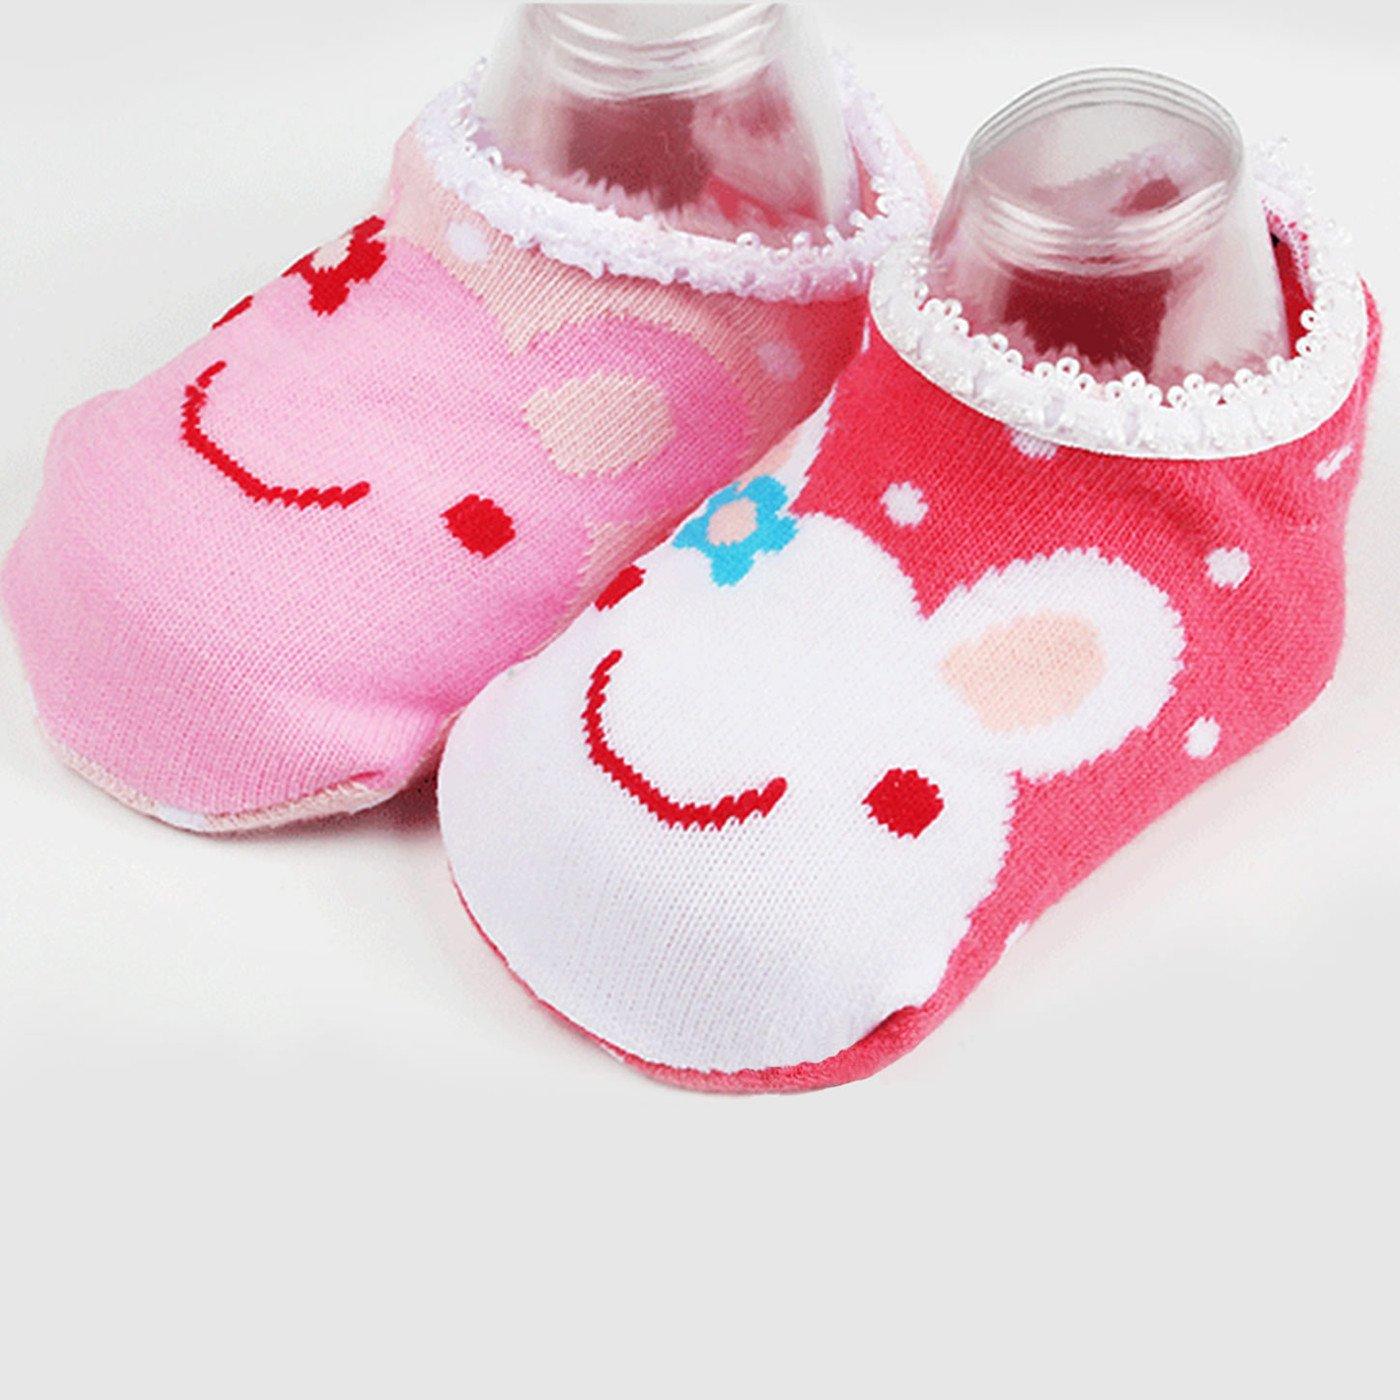 GOPOWD Bebé Niña Calcetines Antideslizantes con Algodón 6 Pares para 1 a 3 años: Amazon.es: Ropa y accesorios